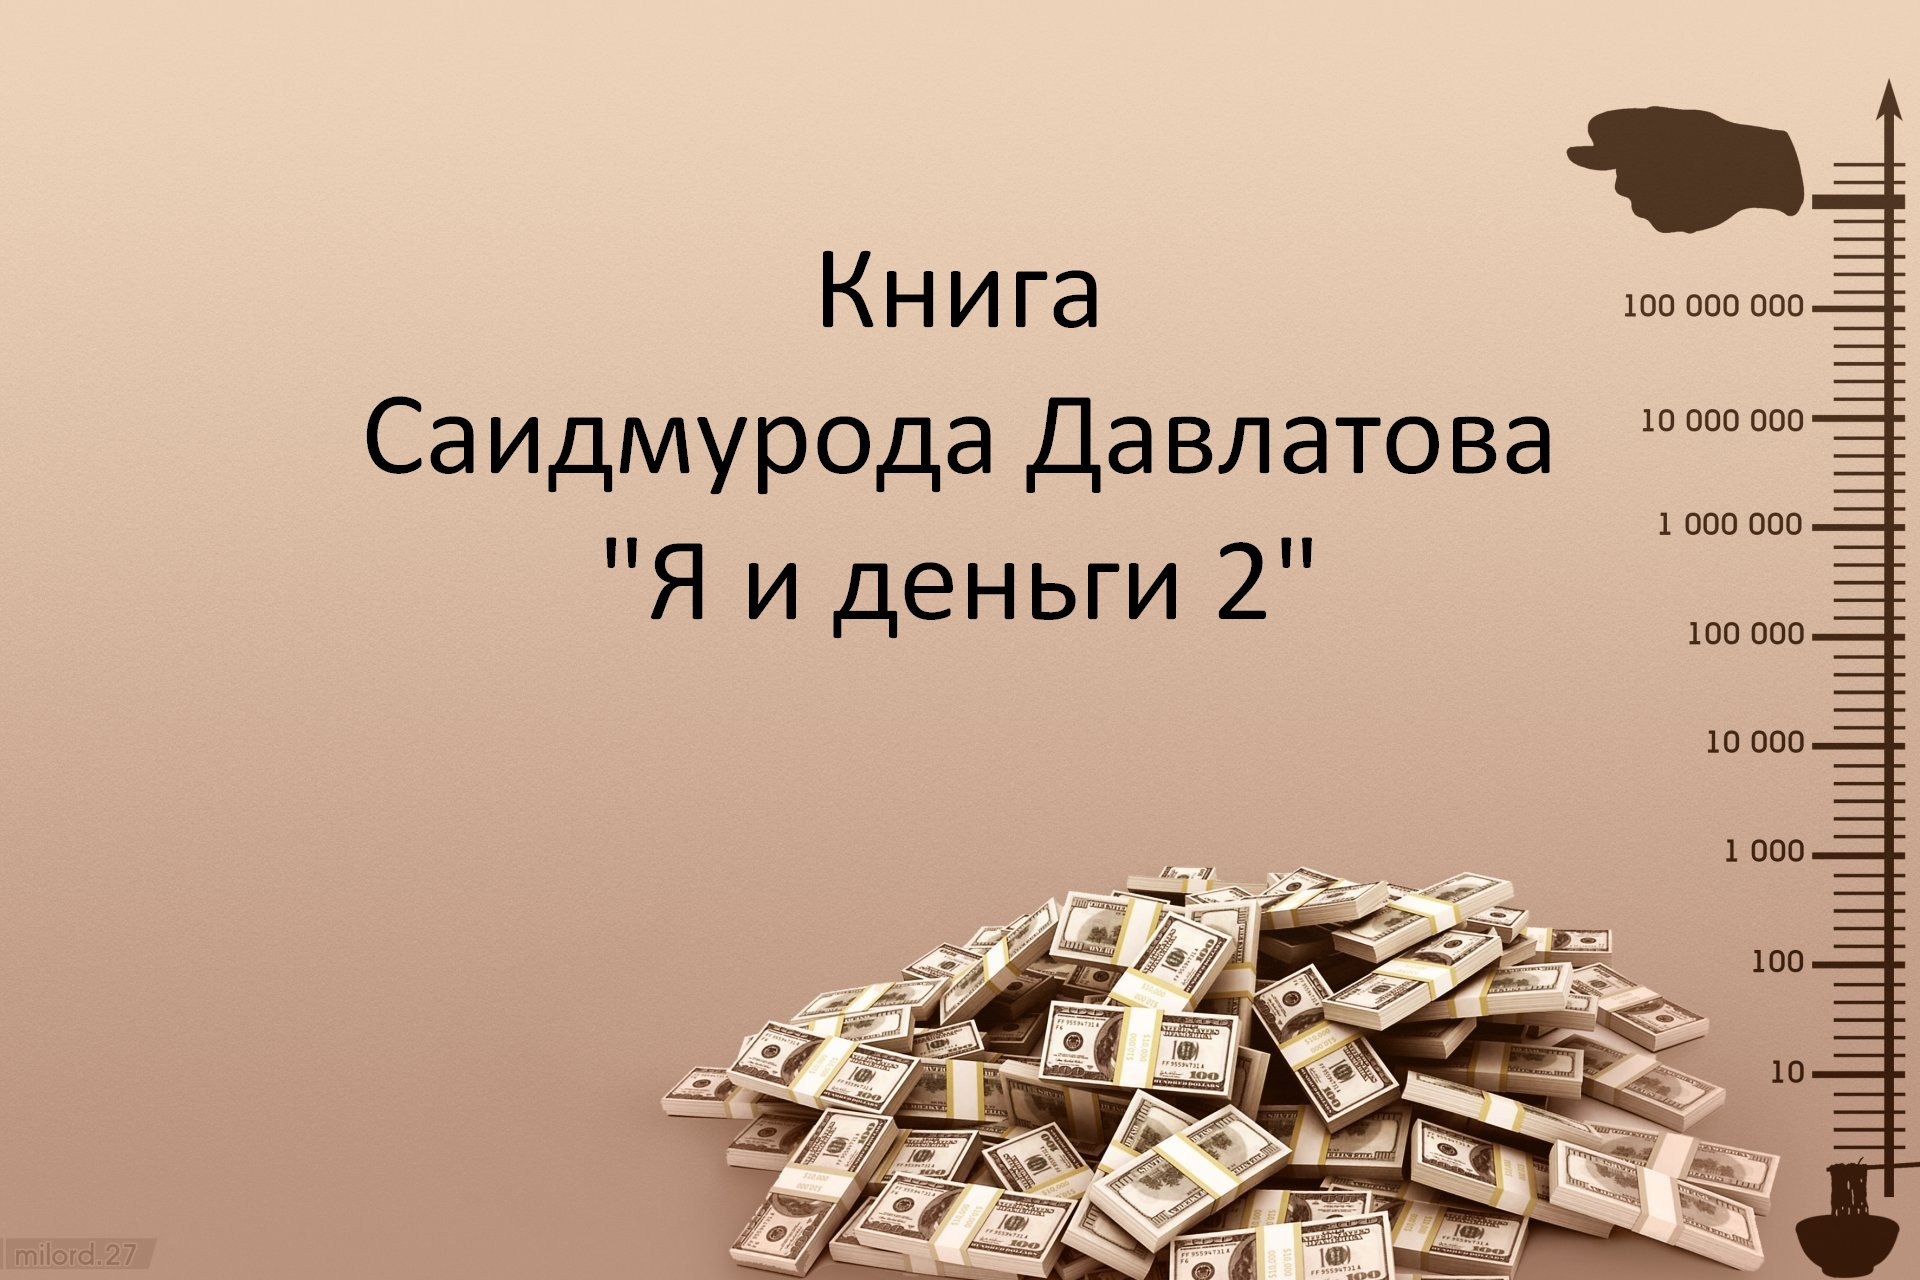 Книга Саидмурода Давлатова - Я и деньги 2